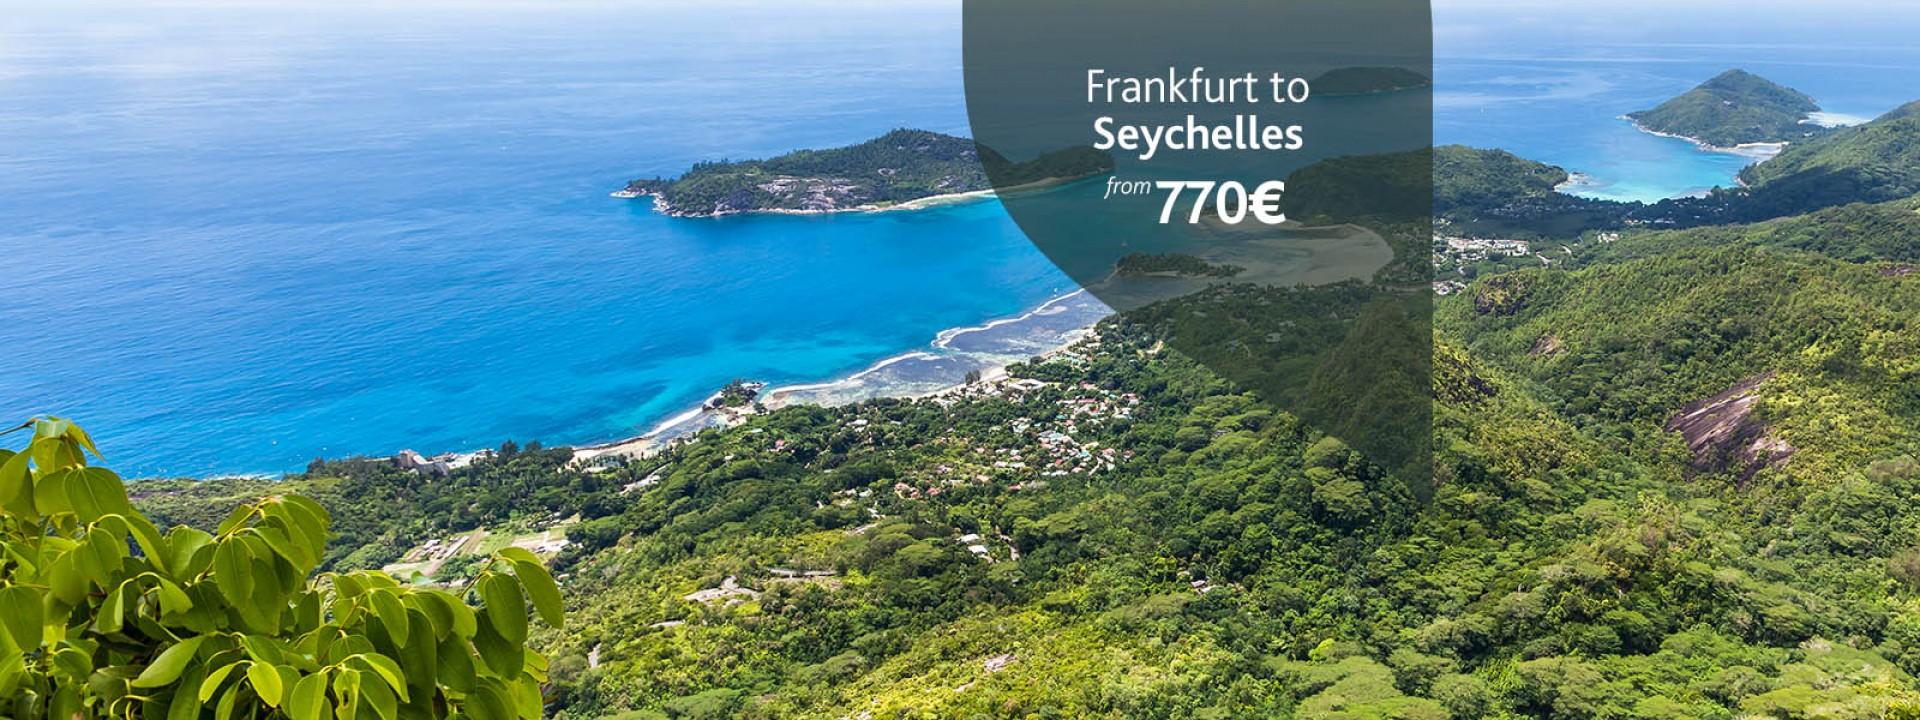 flights-from-frankfurt-to-mahe-seychelles-economy